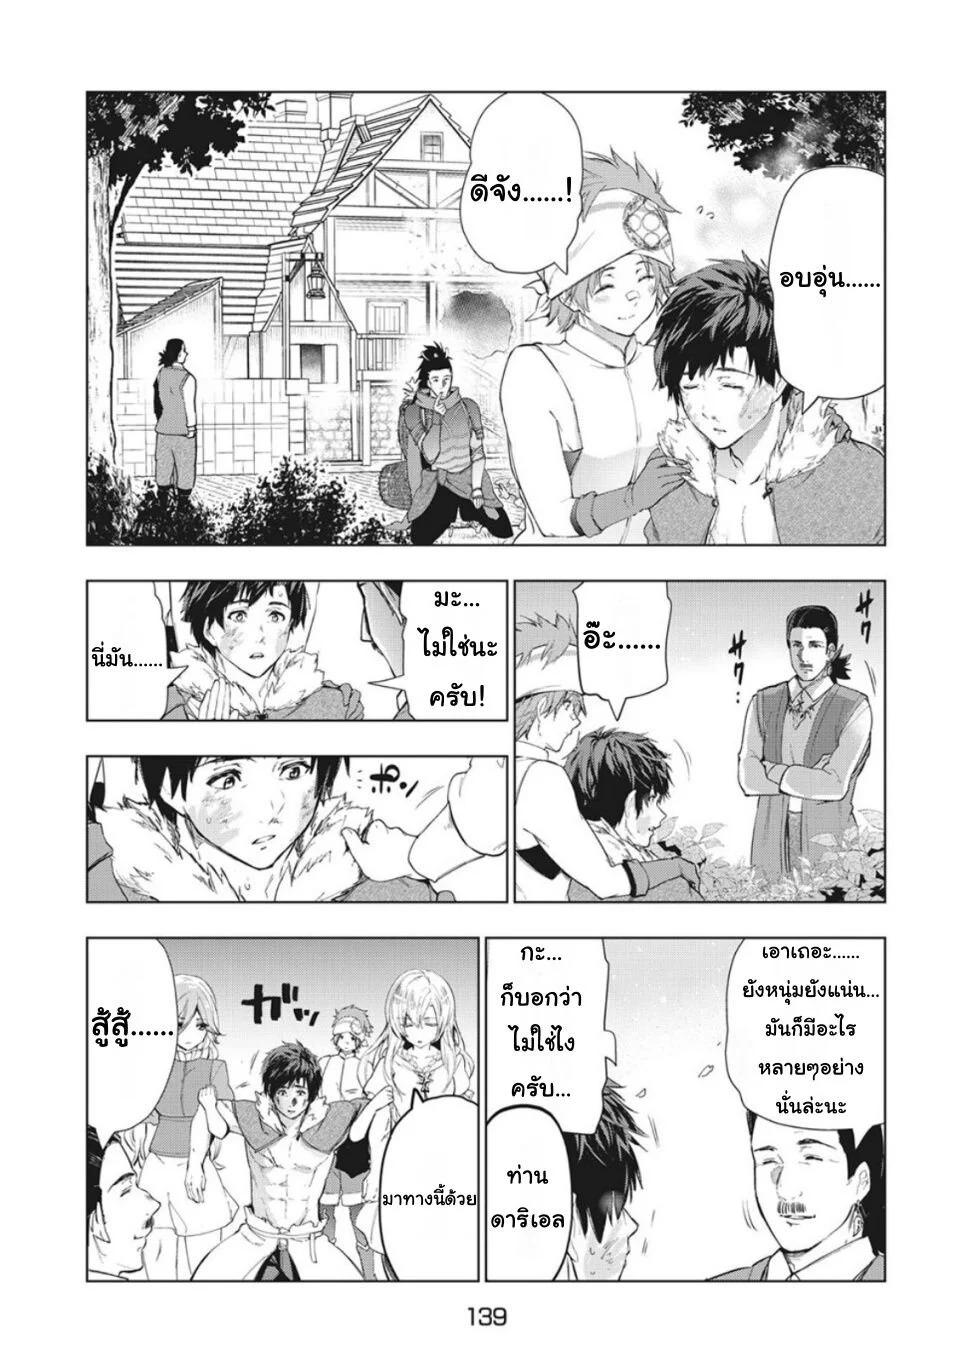 อ่านการ์ตูน Kaiko sareta Ankoku Heishi (30-dai) no Slow na Second ตอนที่ 19 หน้าที่ 4